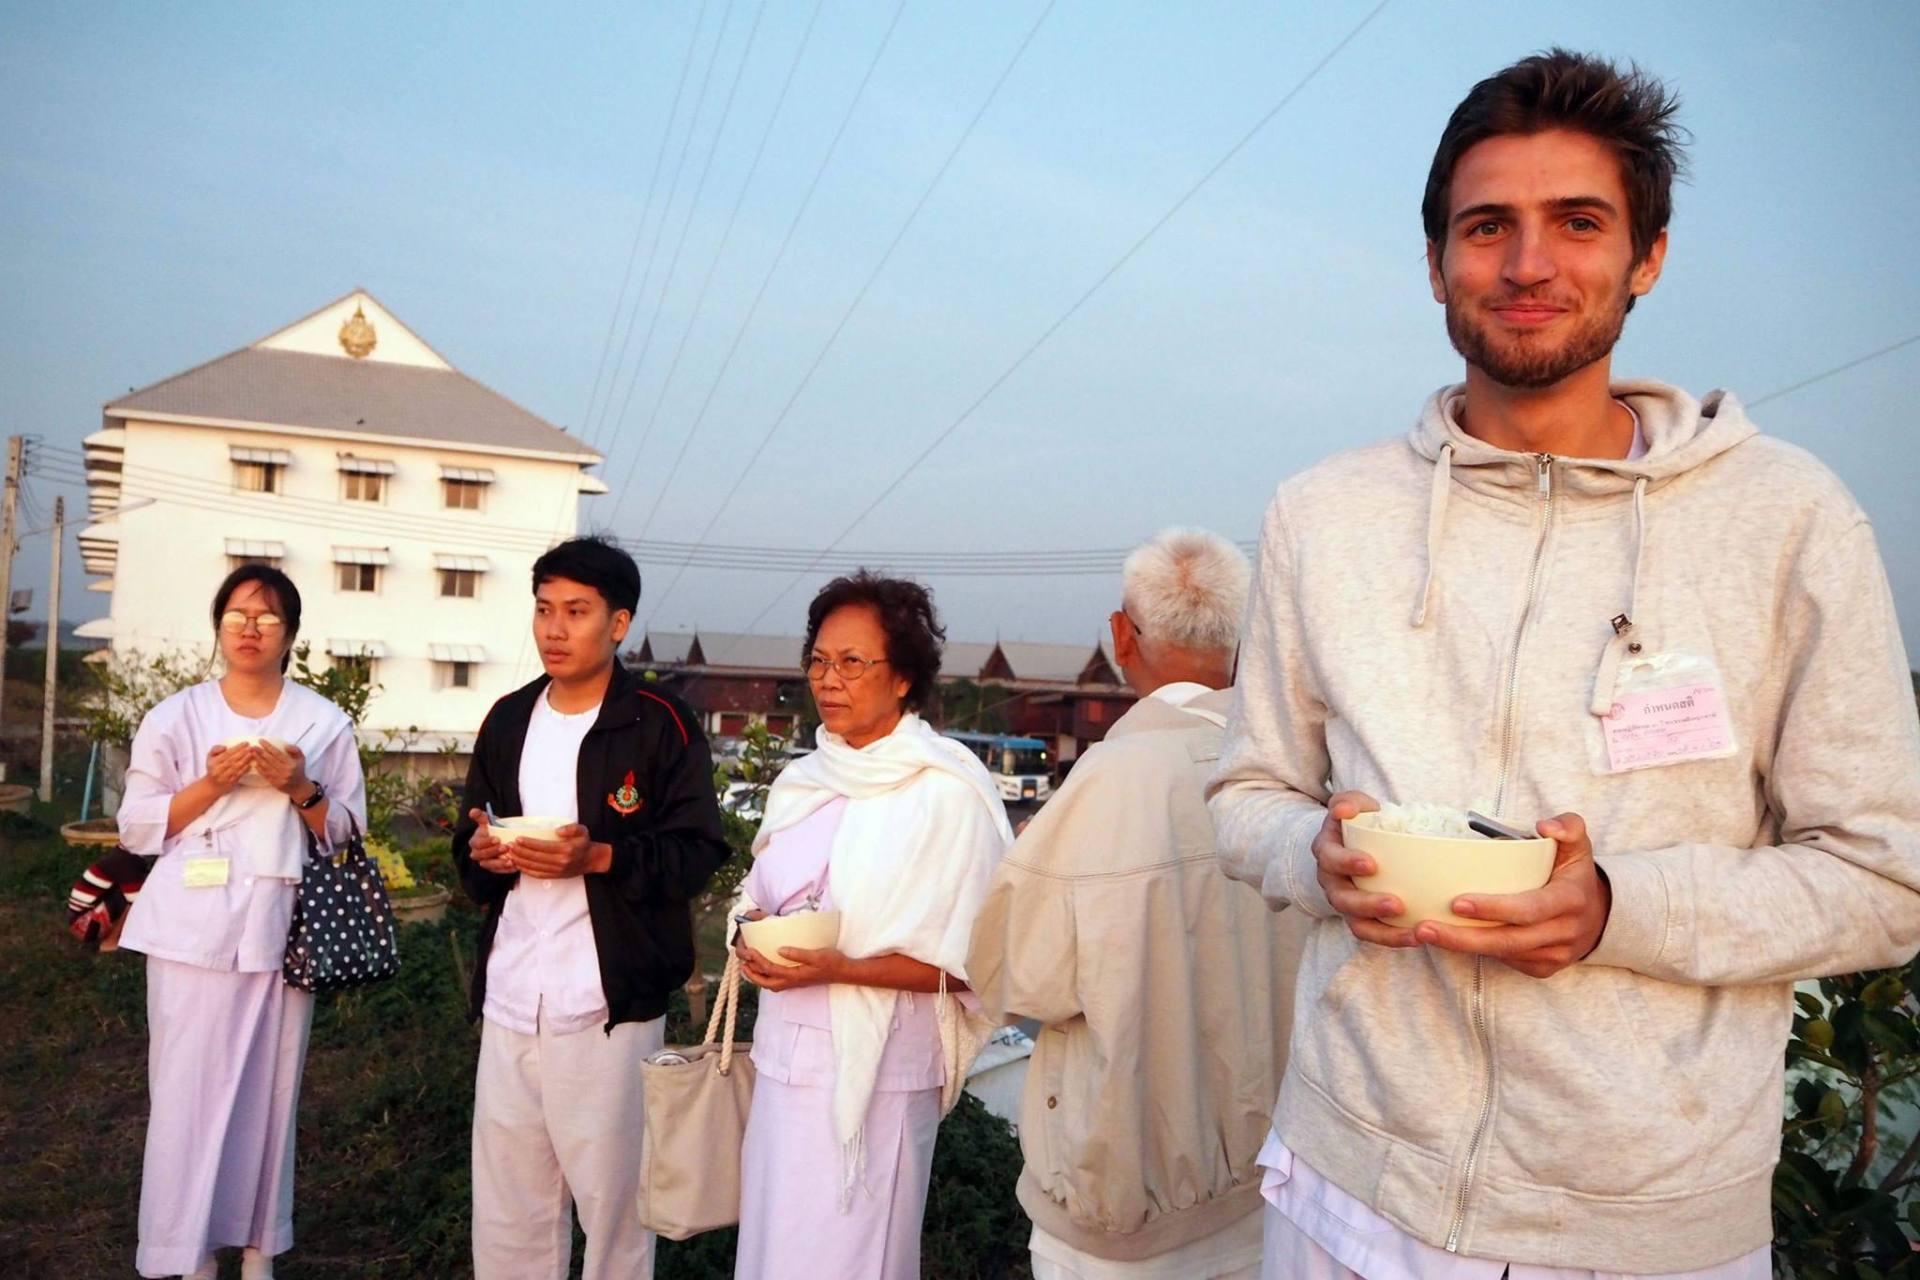 Thailand, Monks, Buddhism, Digital Nomad, Rice, European Monk, Western Monk